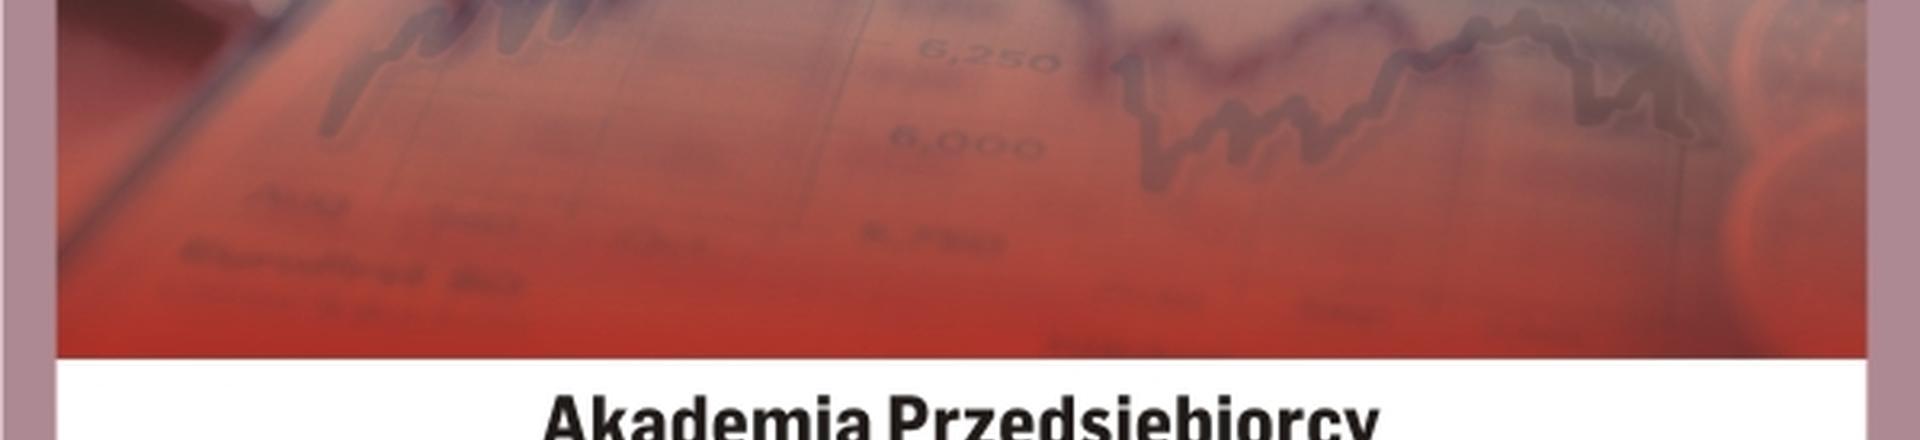 Cykl Akademia Przedsiębiorcy: Kapitał i bezpieczeństwo Twojej firmy - Bielsko-Biała